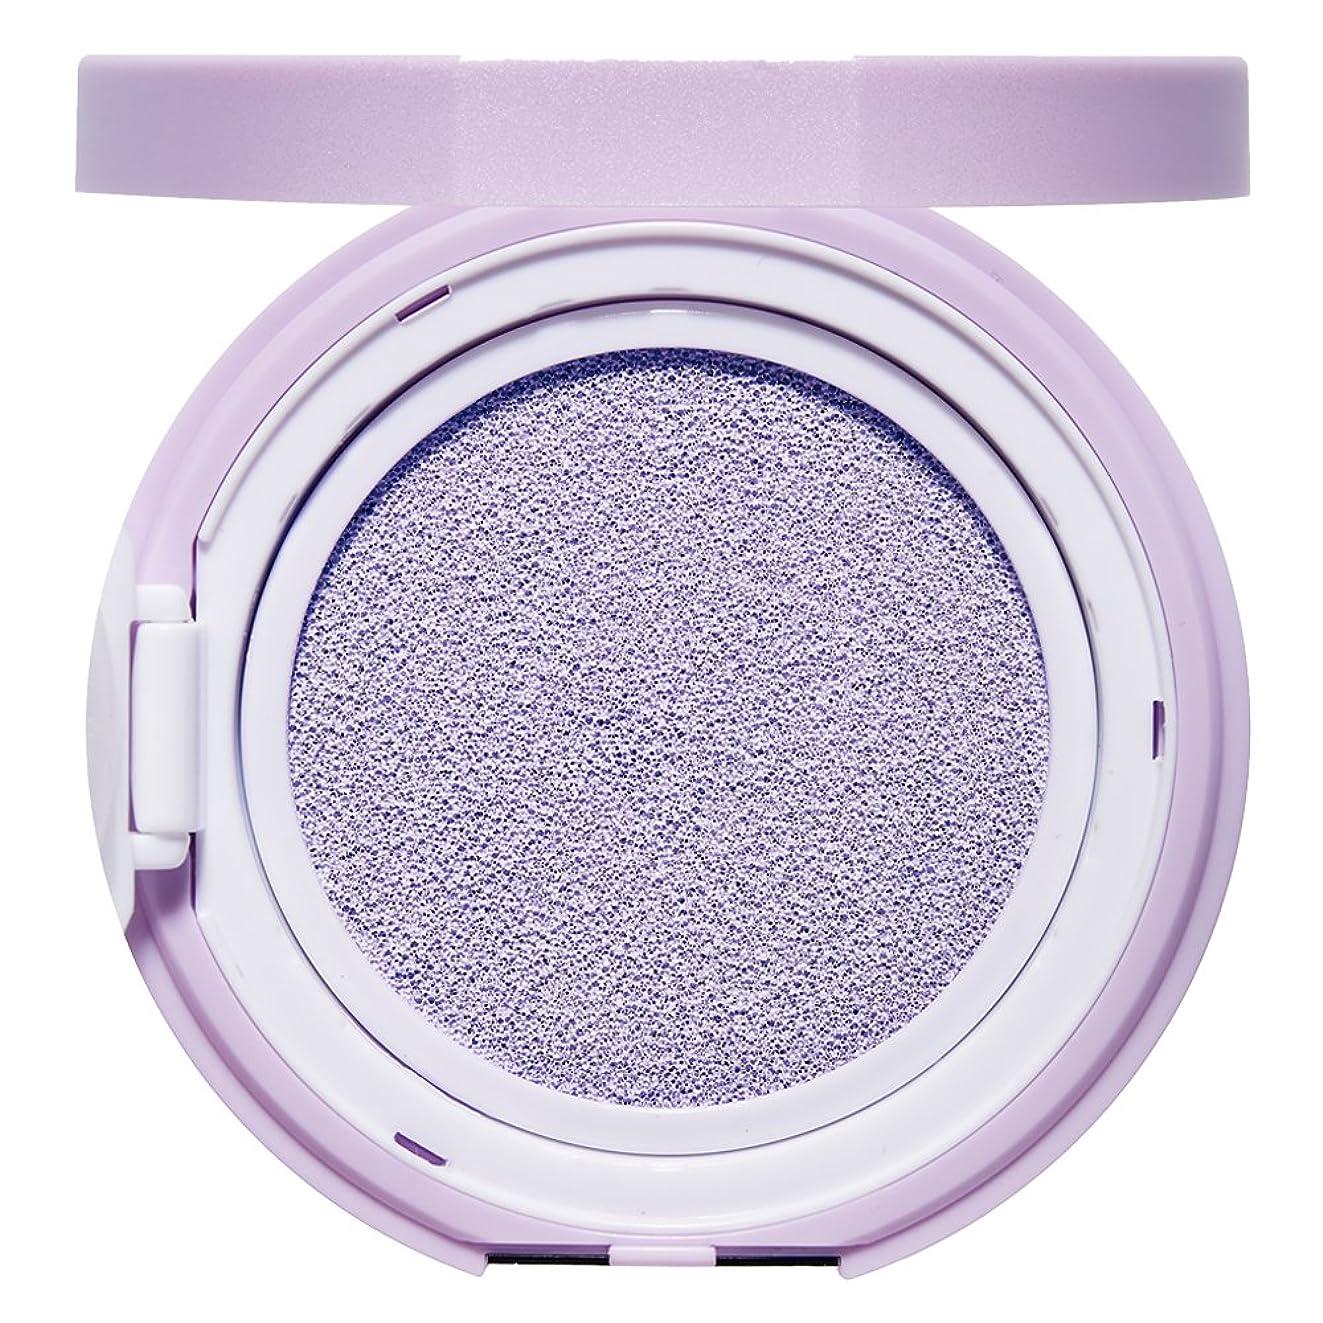 船酔い行動砲撃エチュードハウス(ETUDE HOUSE) エニークッション カラーコレクター Lavender[化粧下地、コントロールカラー、紫、パープル]